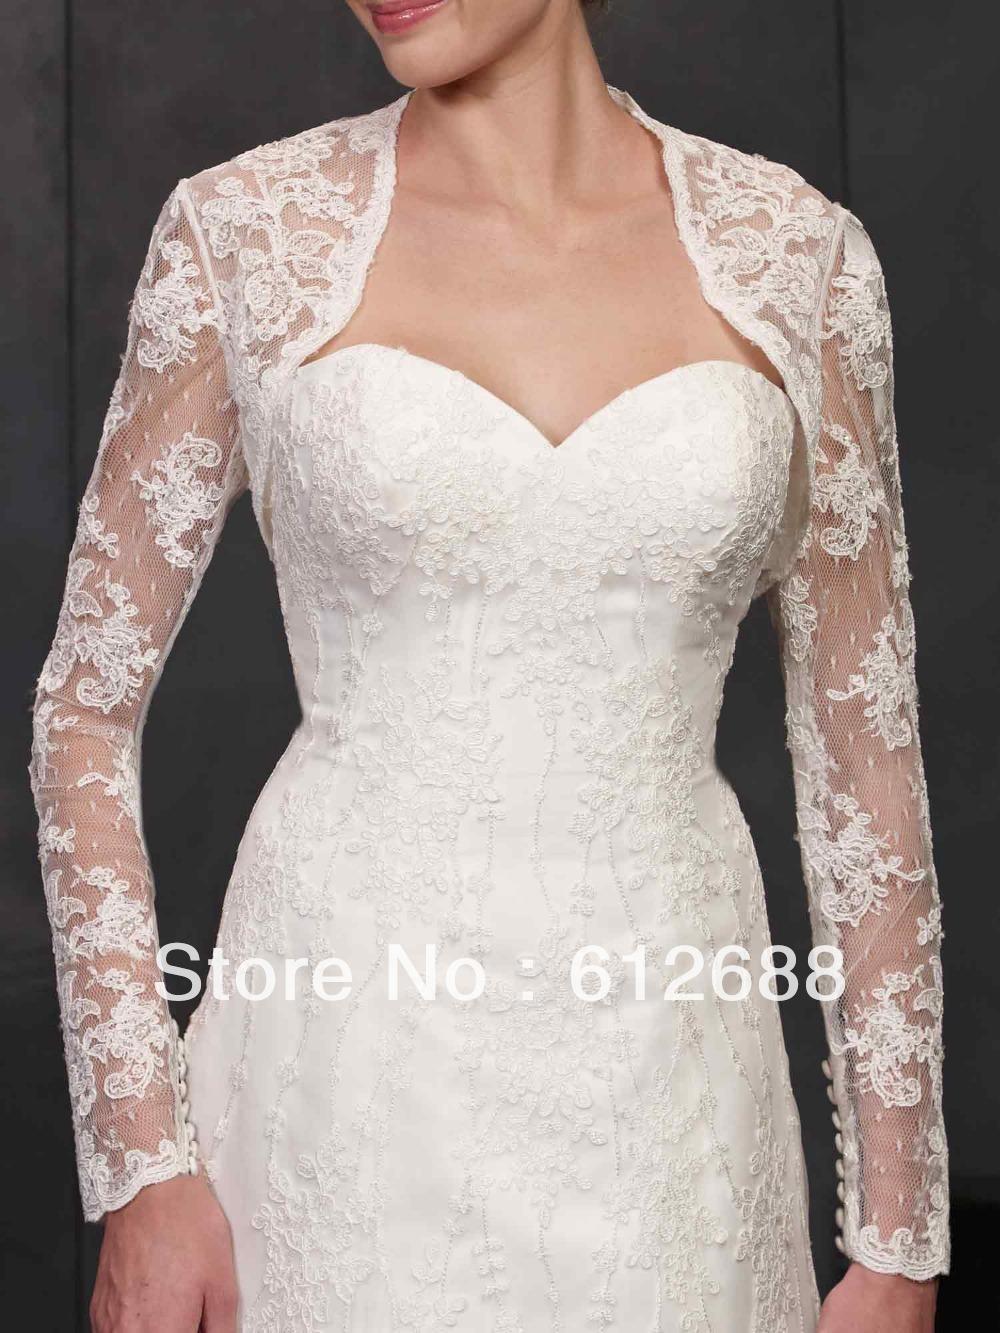 Appliques long sleeve bridal wedding bolero jacket wedding lace shrug